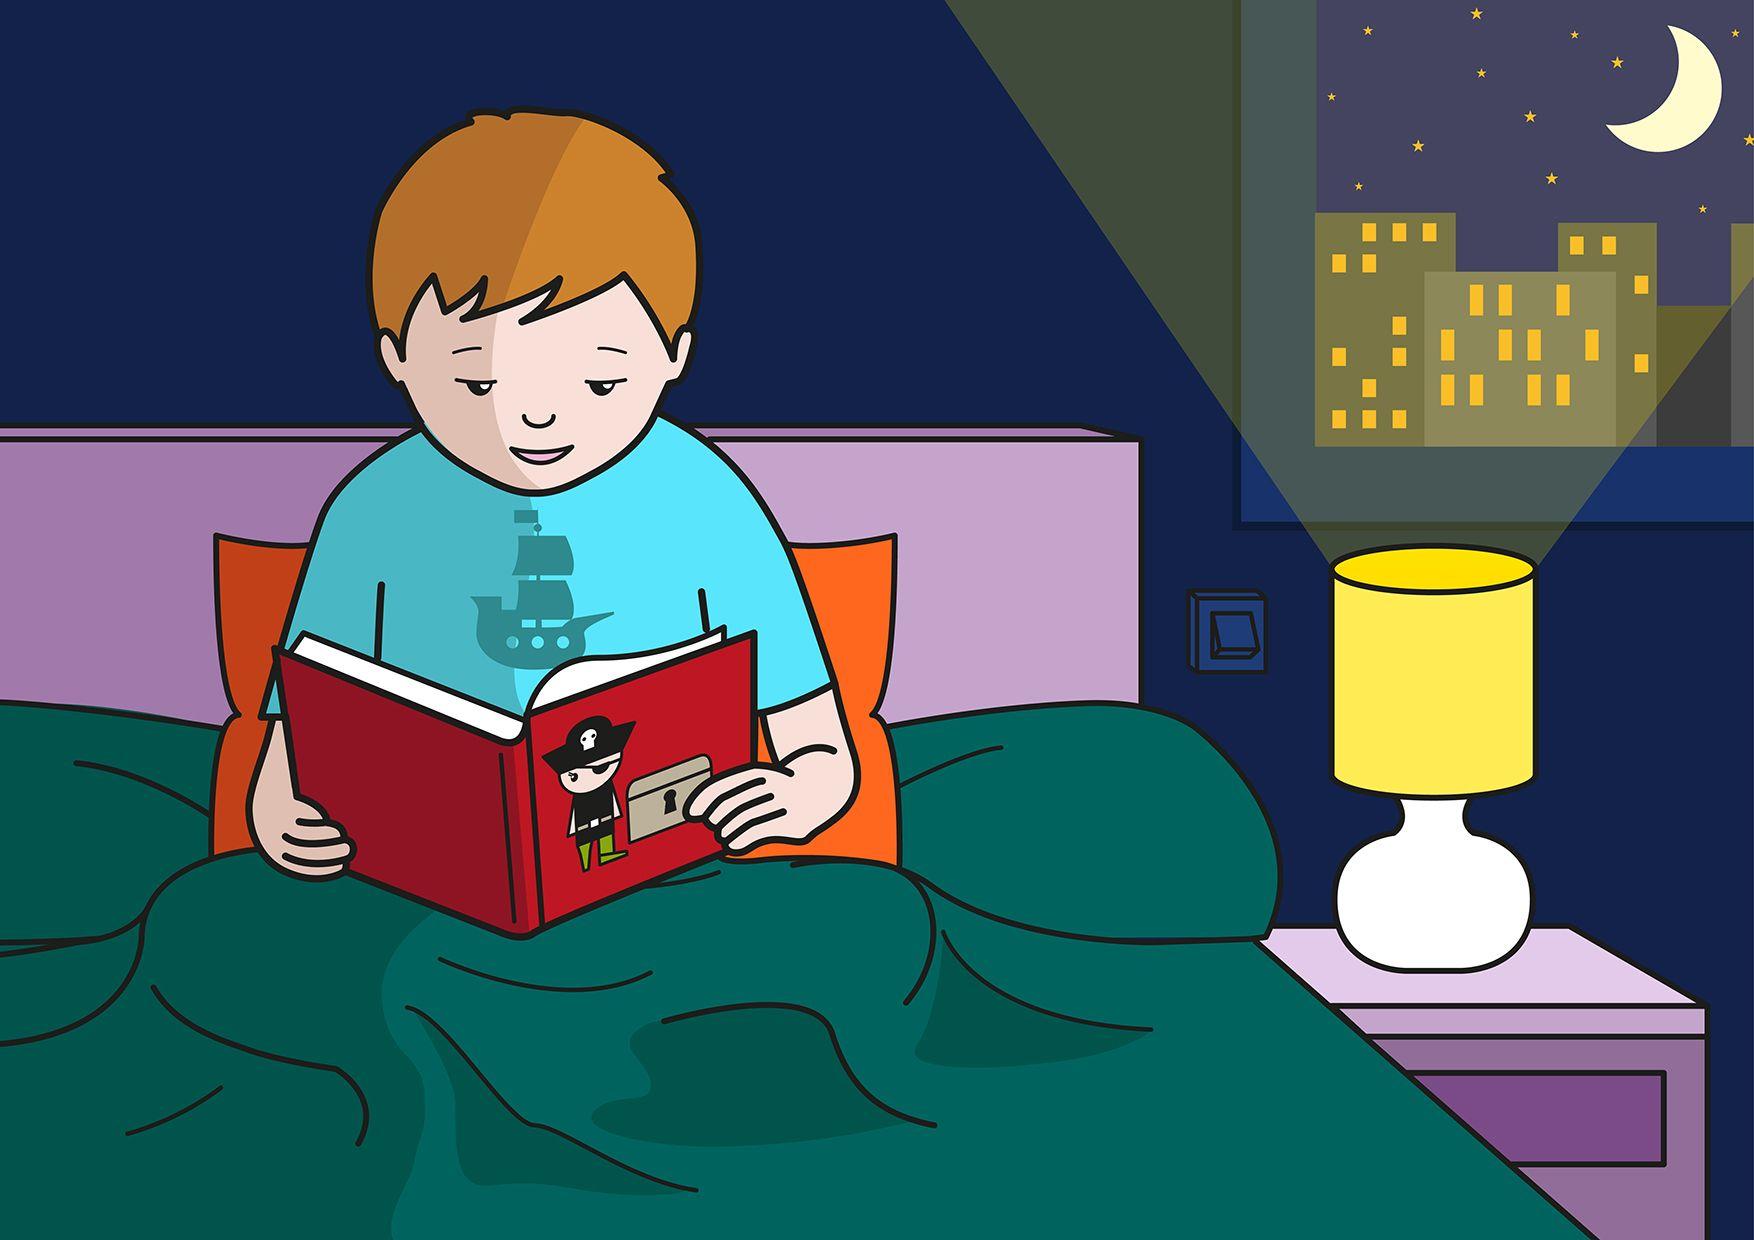 En la escena, se observa a un niño tumbado en la cama y leyendo un cuento de piratas antes de dormir.